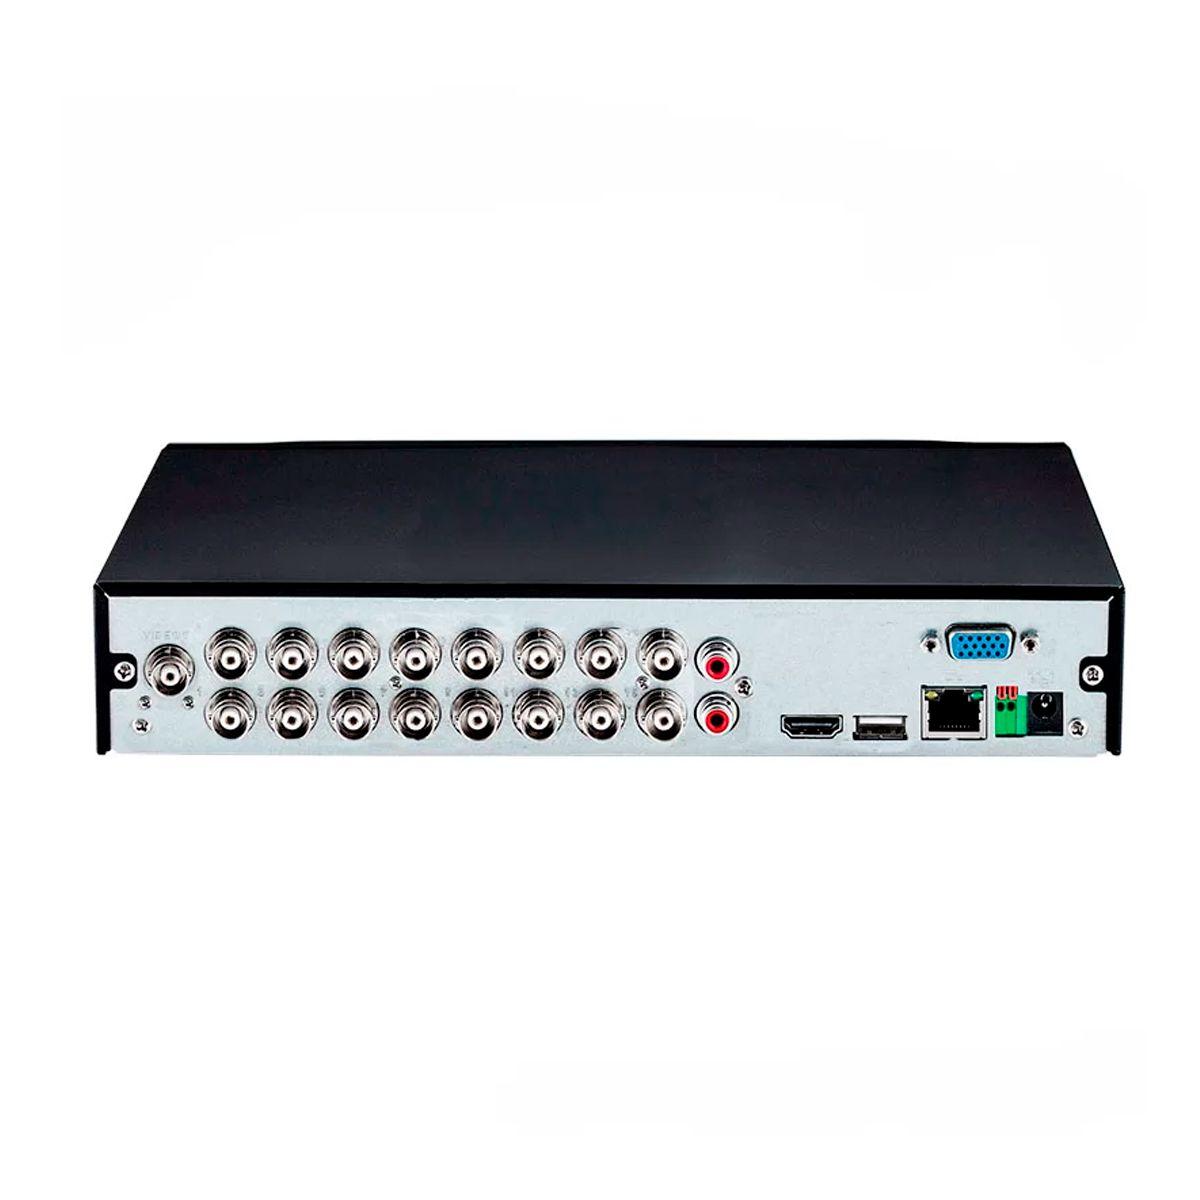 Kit 10 Câmeras VHD 1120 B G5 + DVR Intelbras + App de Monitoramento, Câmeras HD 720p 20m Infravermelho Intelbras + Fonte, Cabos e Acessórios  - Tudo Forte